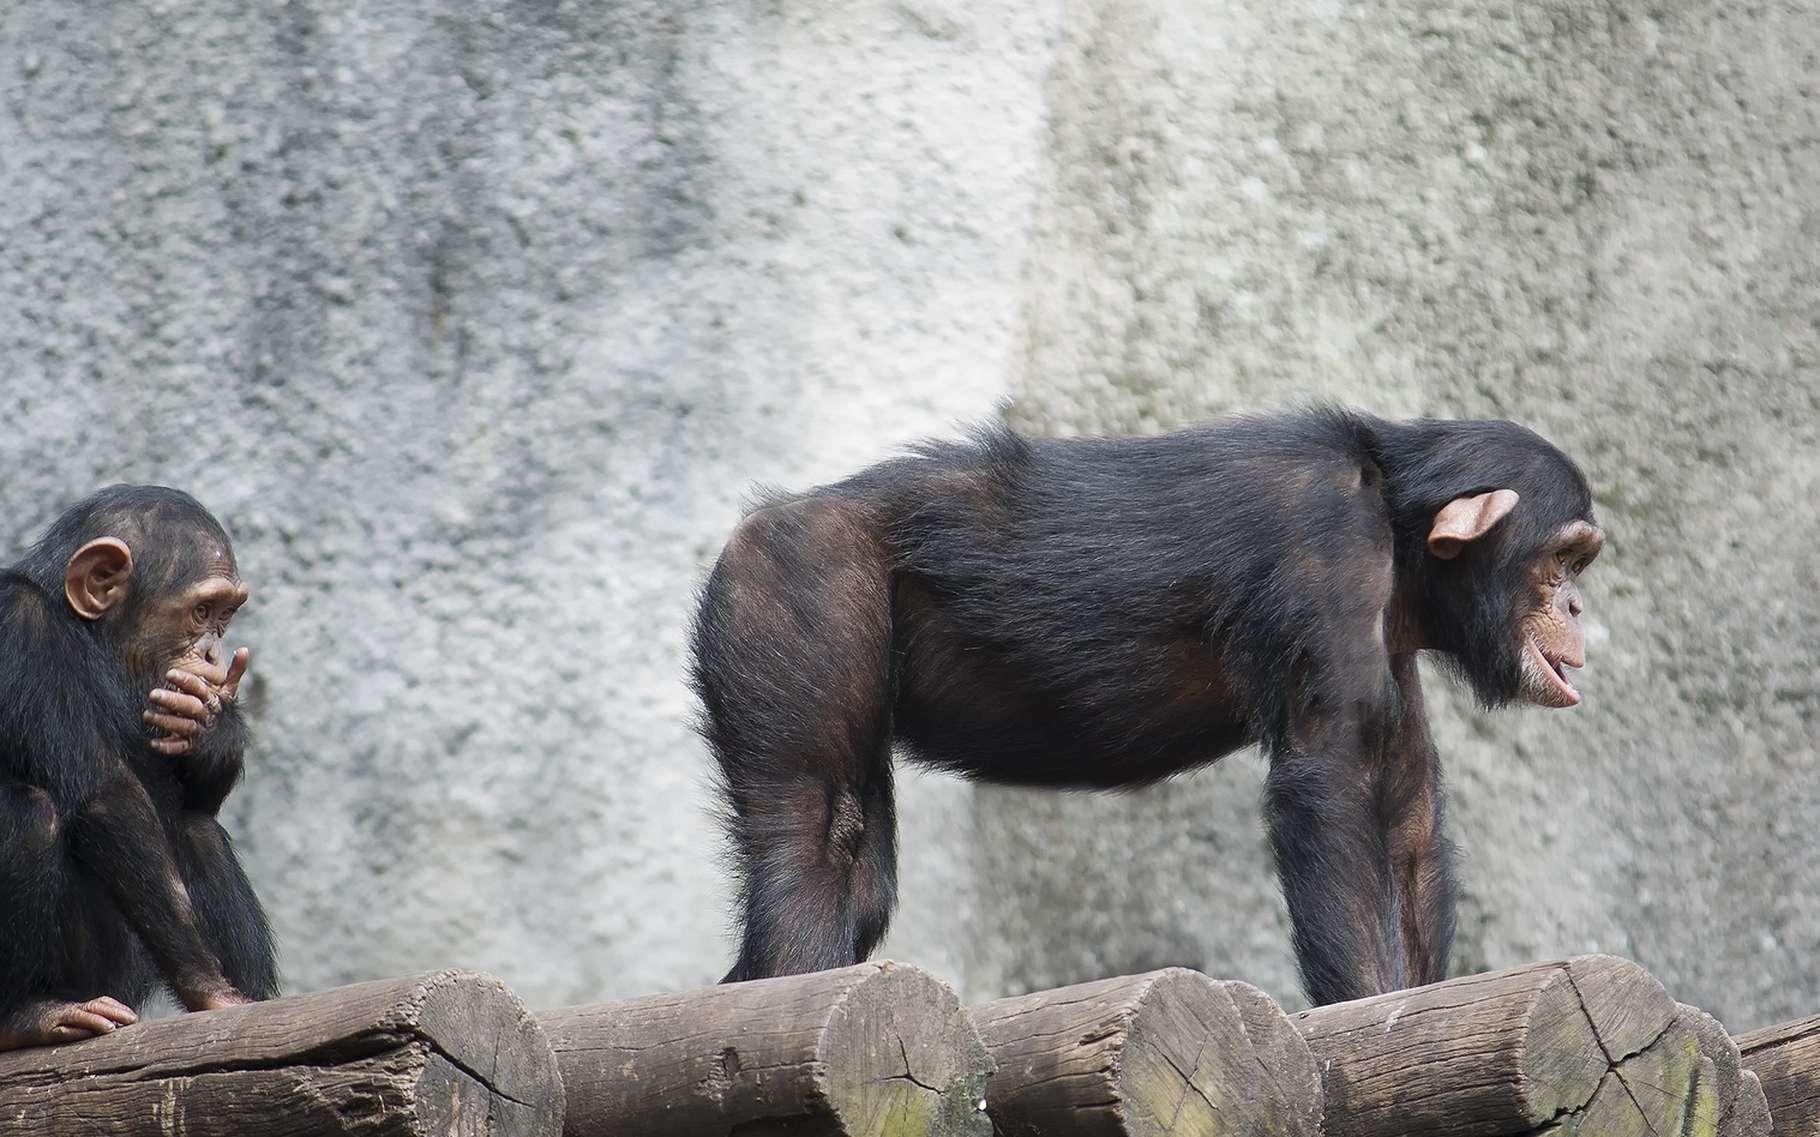 « Montre-moi tes fesses je te dirai quel chimpanzé tu es. » © AJancso, Shuttestock